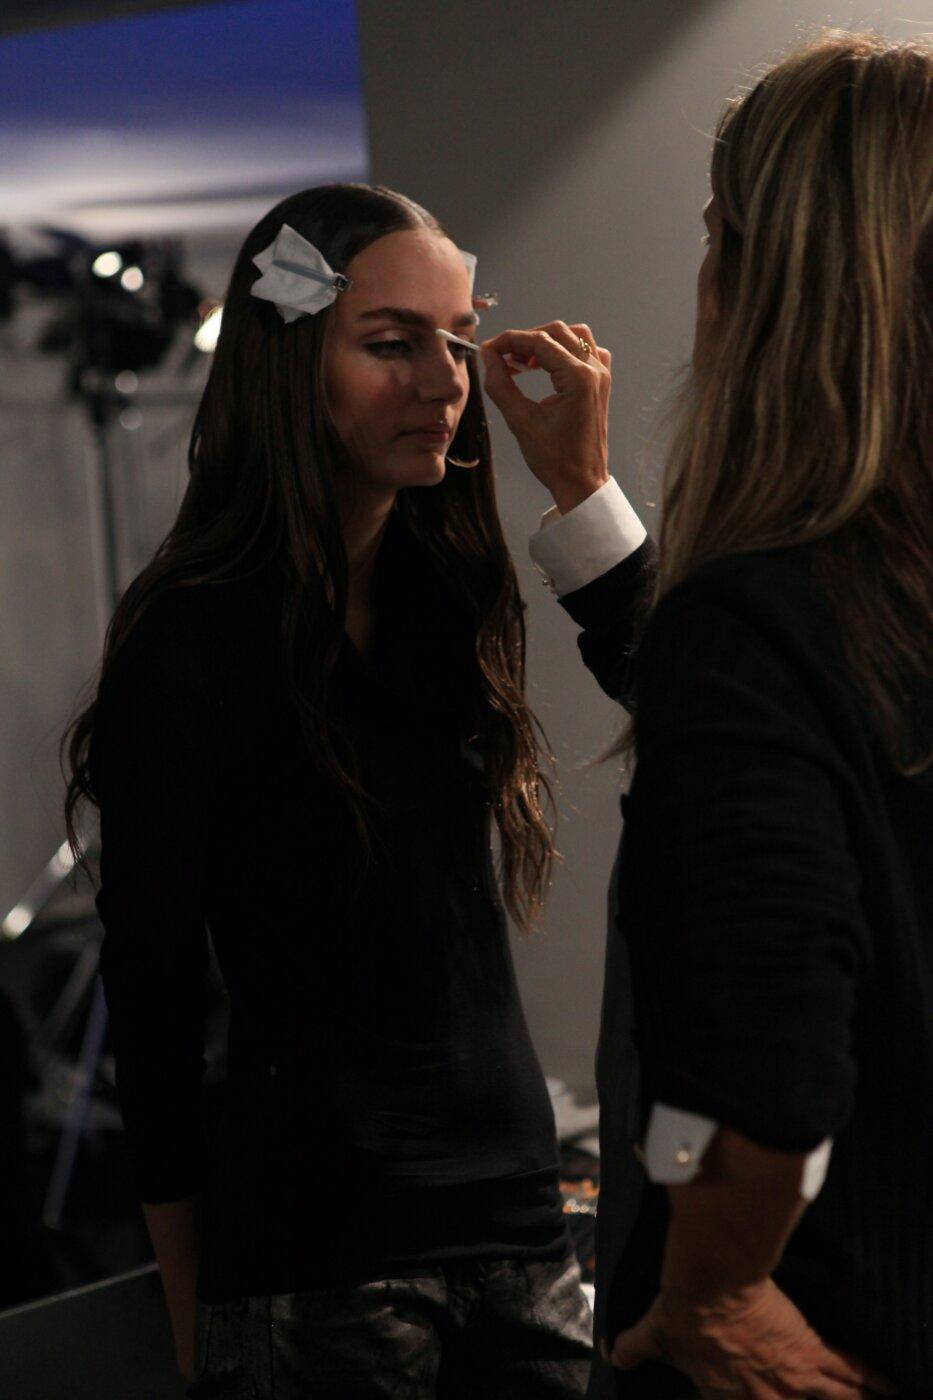 Backstage Alberta Ferretti SS 2012 Women